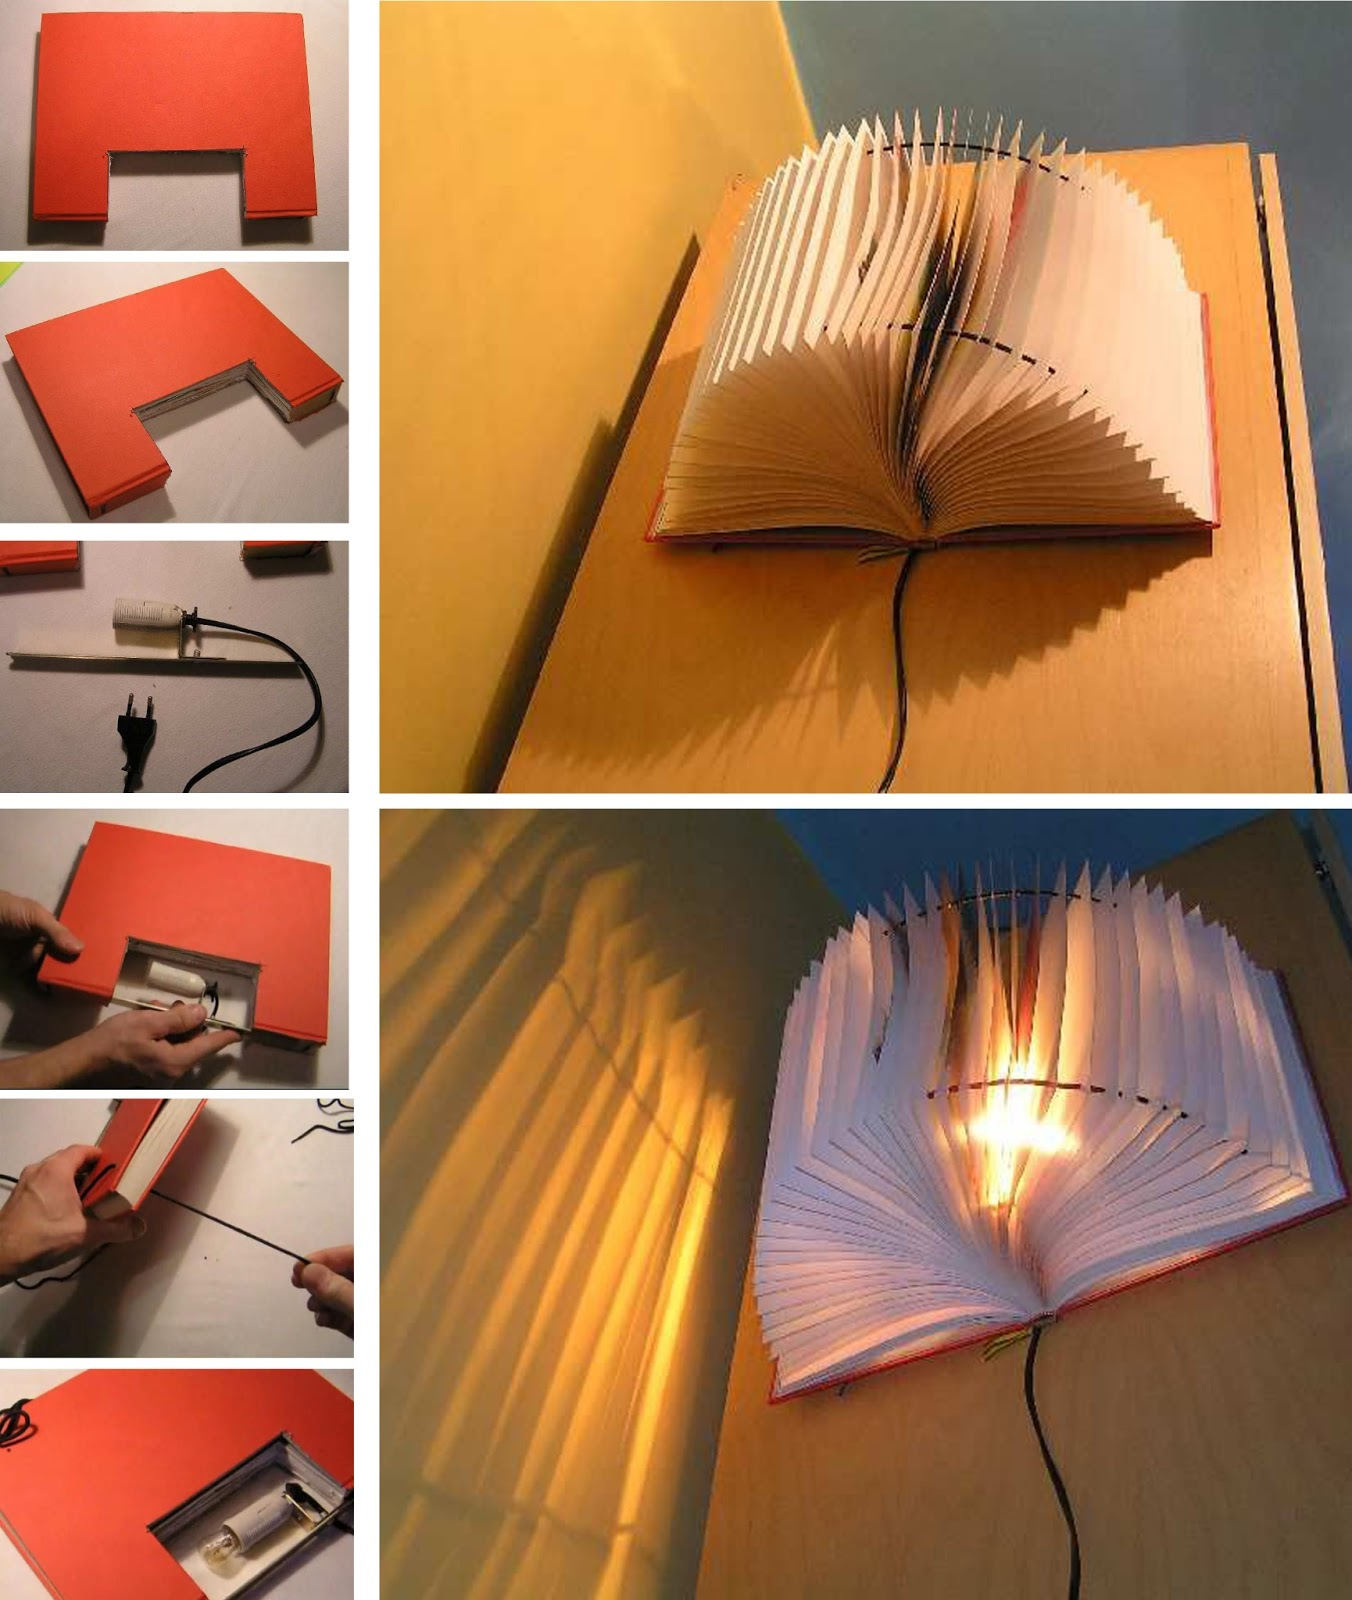 ikea, hazlo tu mismo, manualidades, DIY, decoración, lámparas, papel